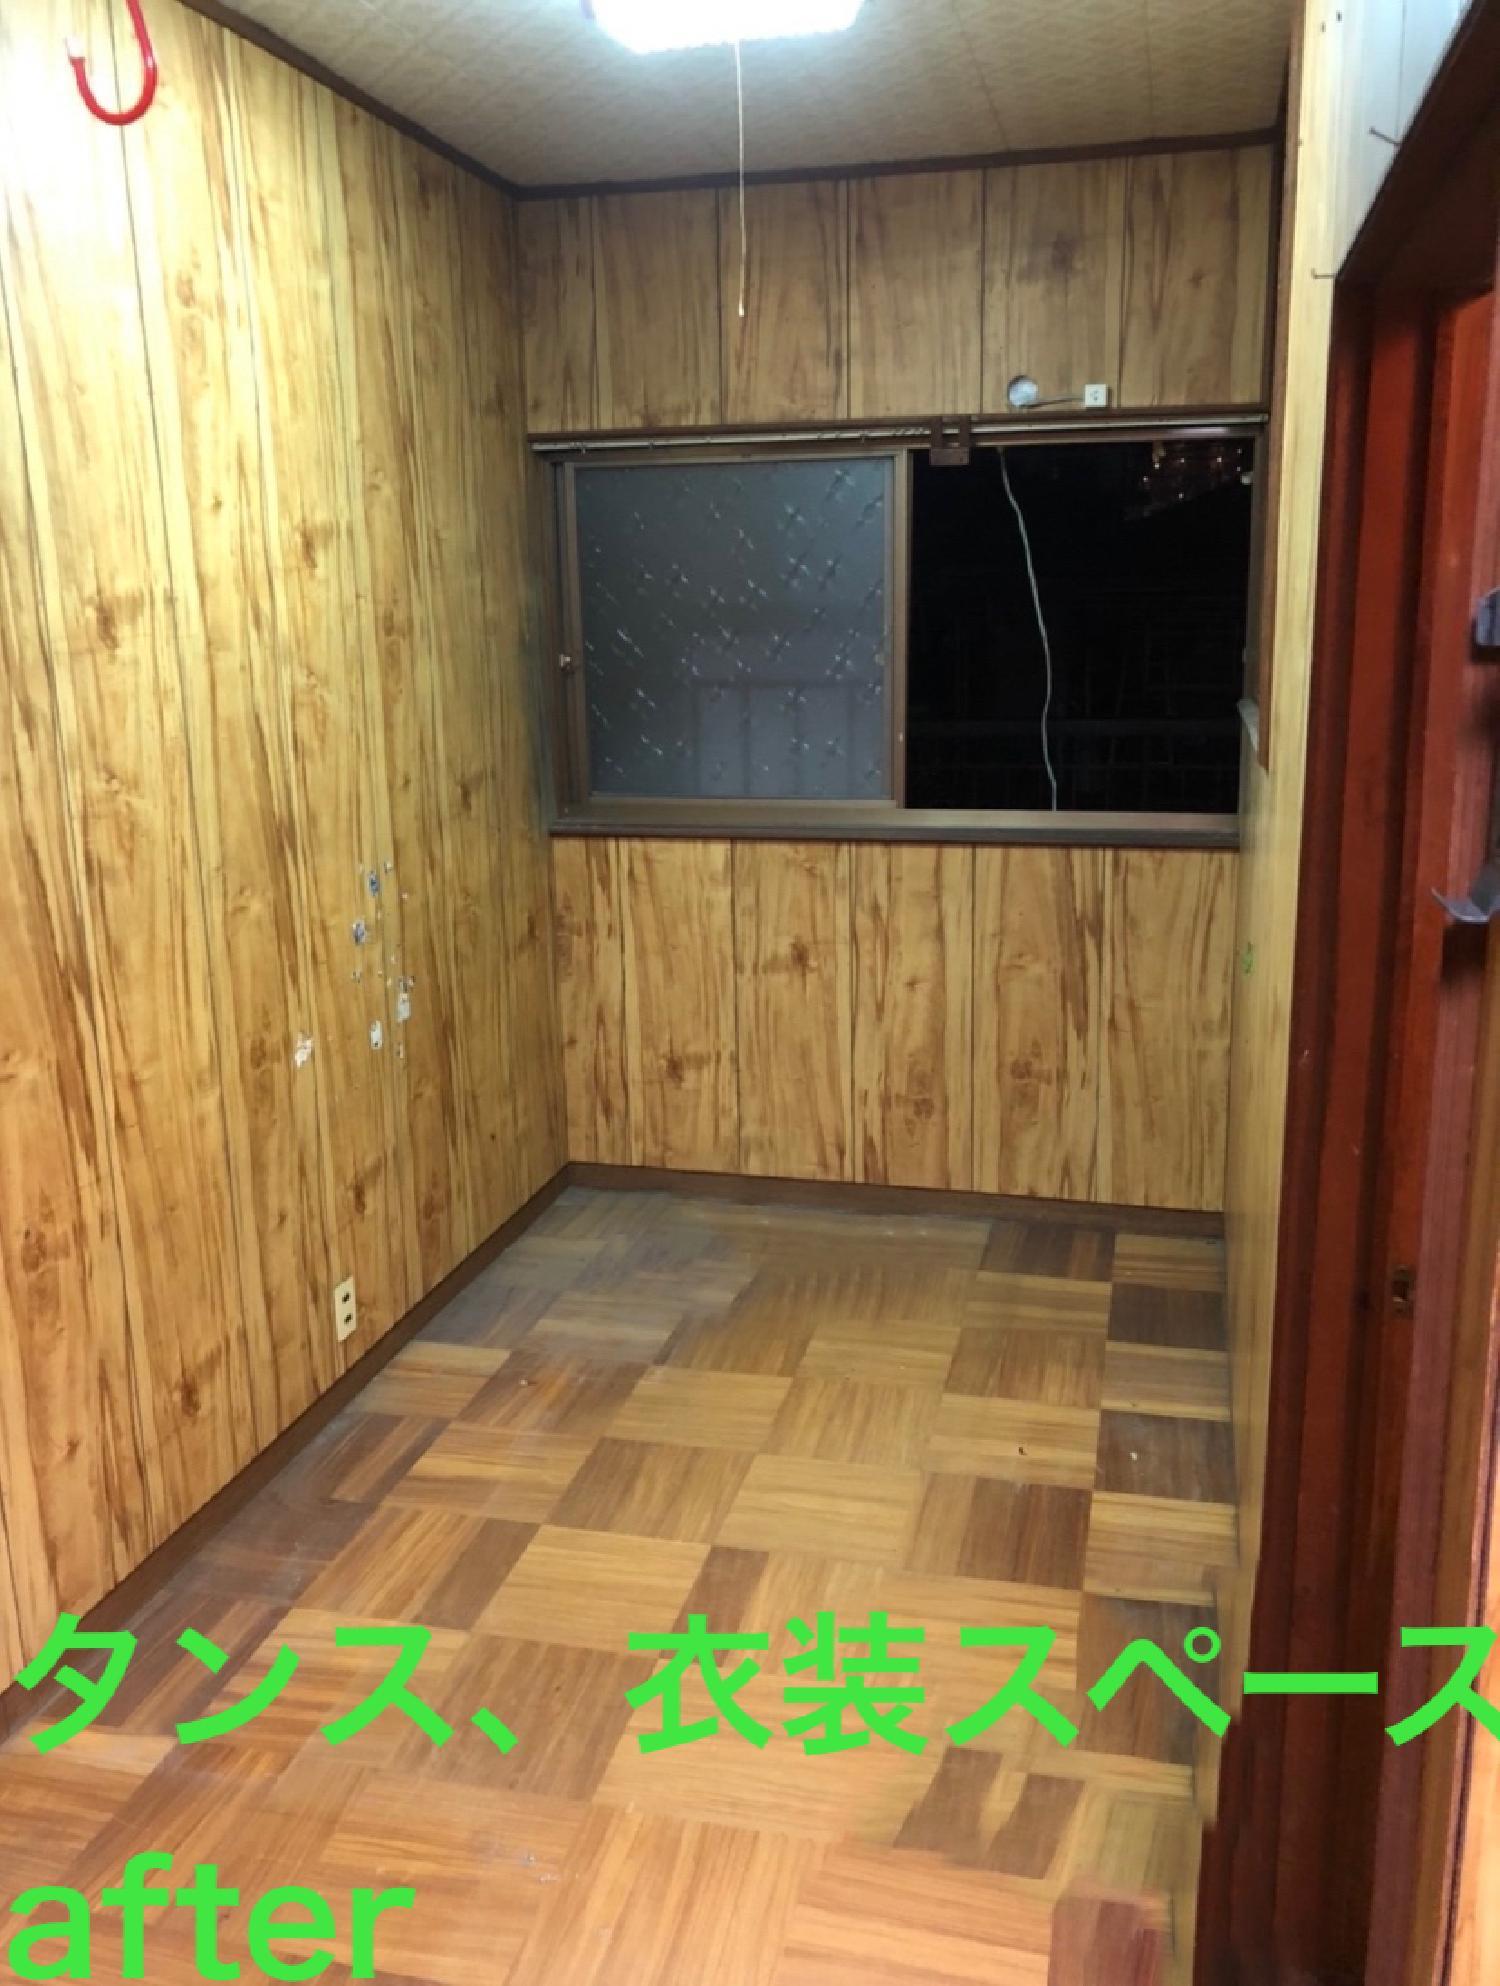 大阪府守口市のお客様より不用品回収のご依頼。 画像_4